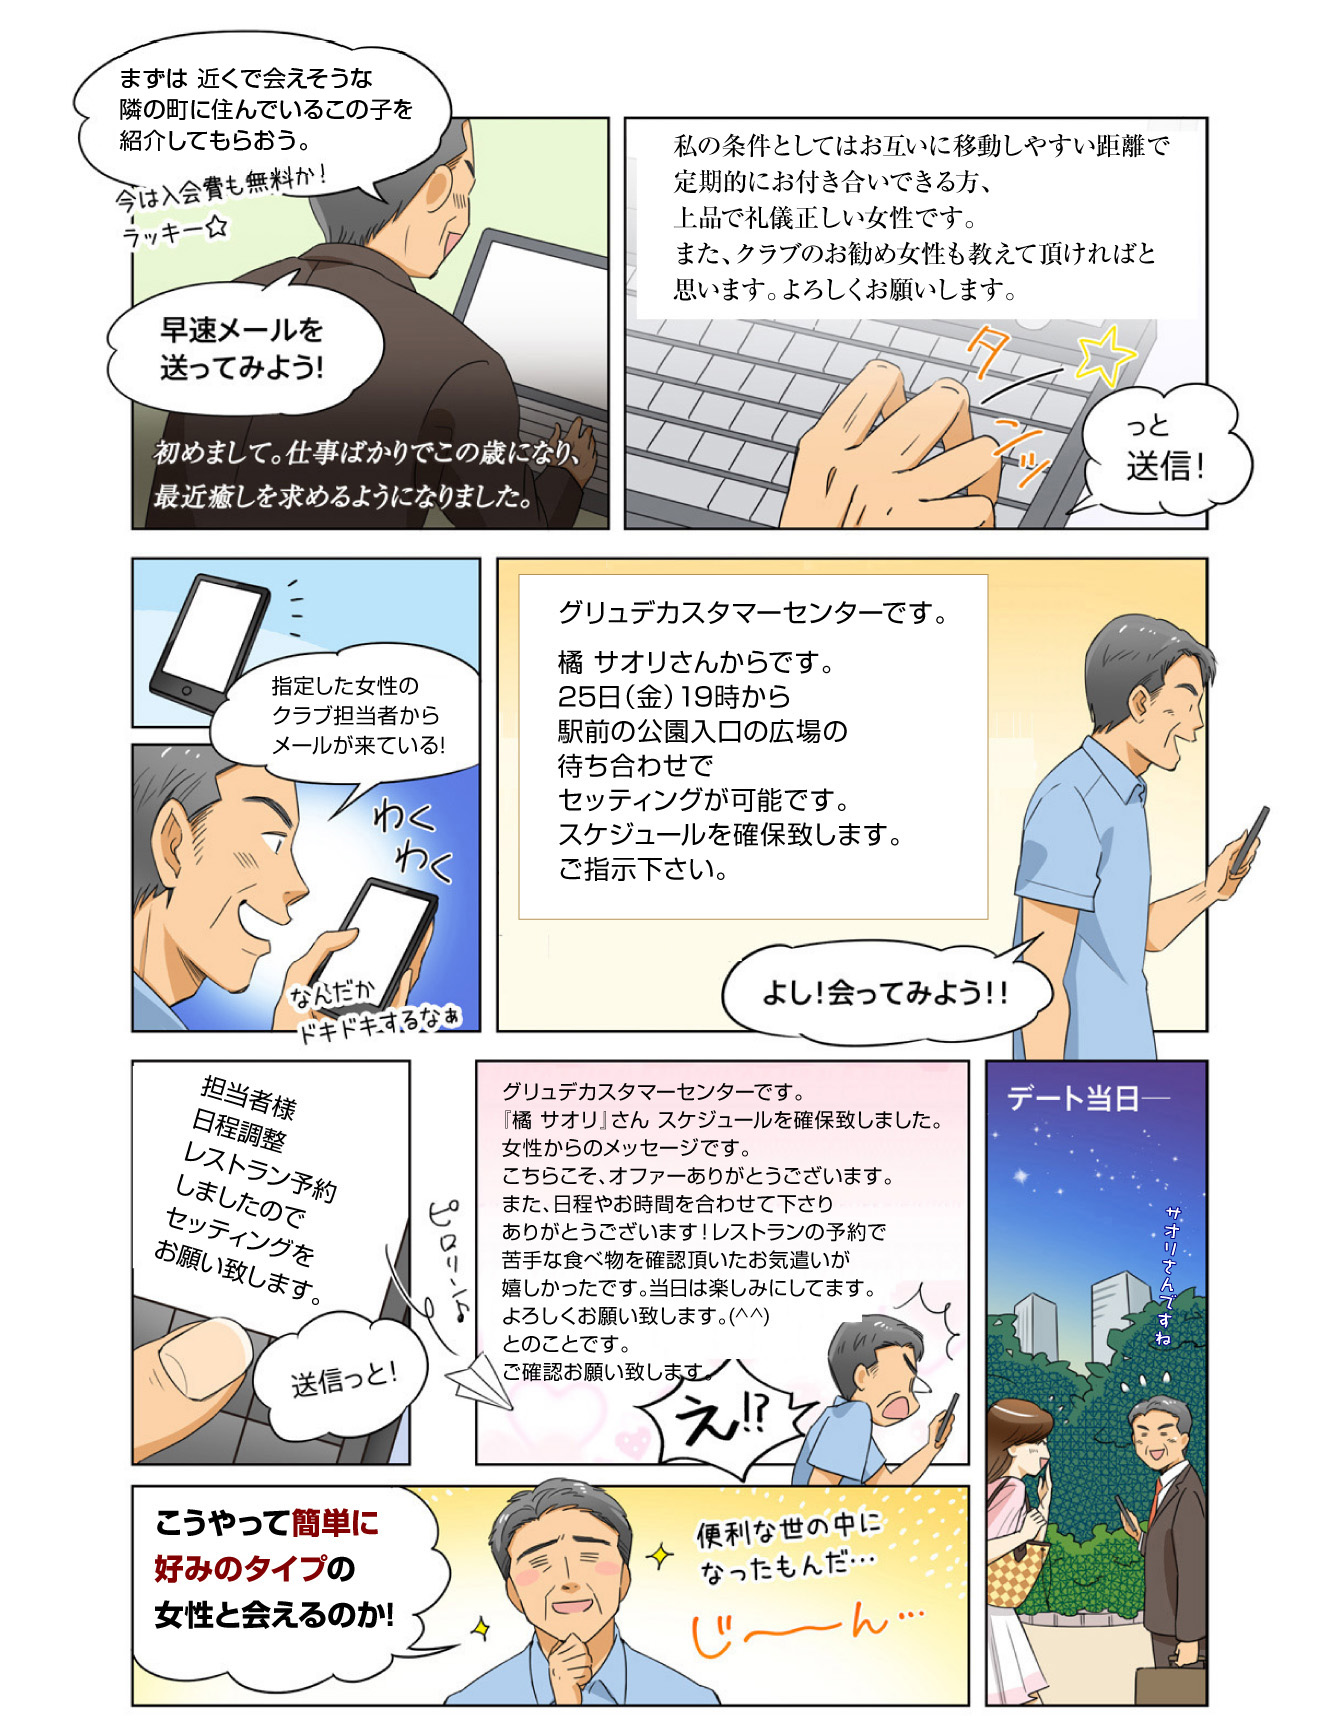 man-manga002